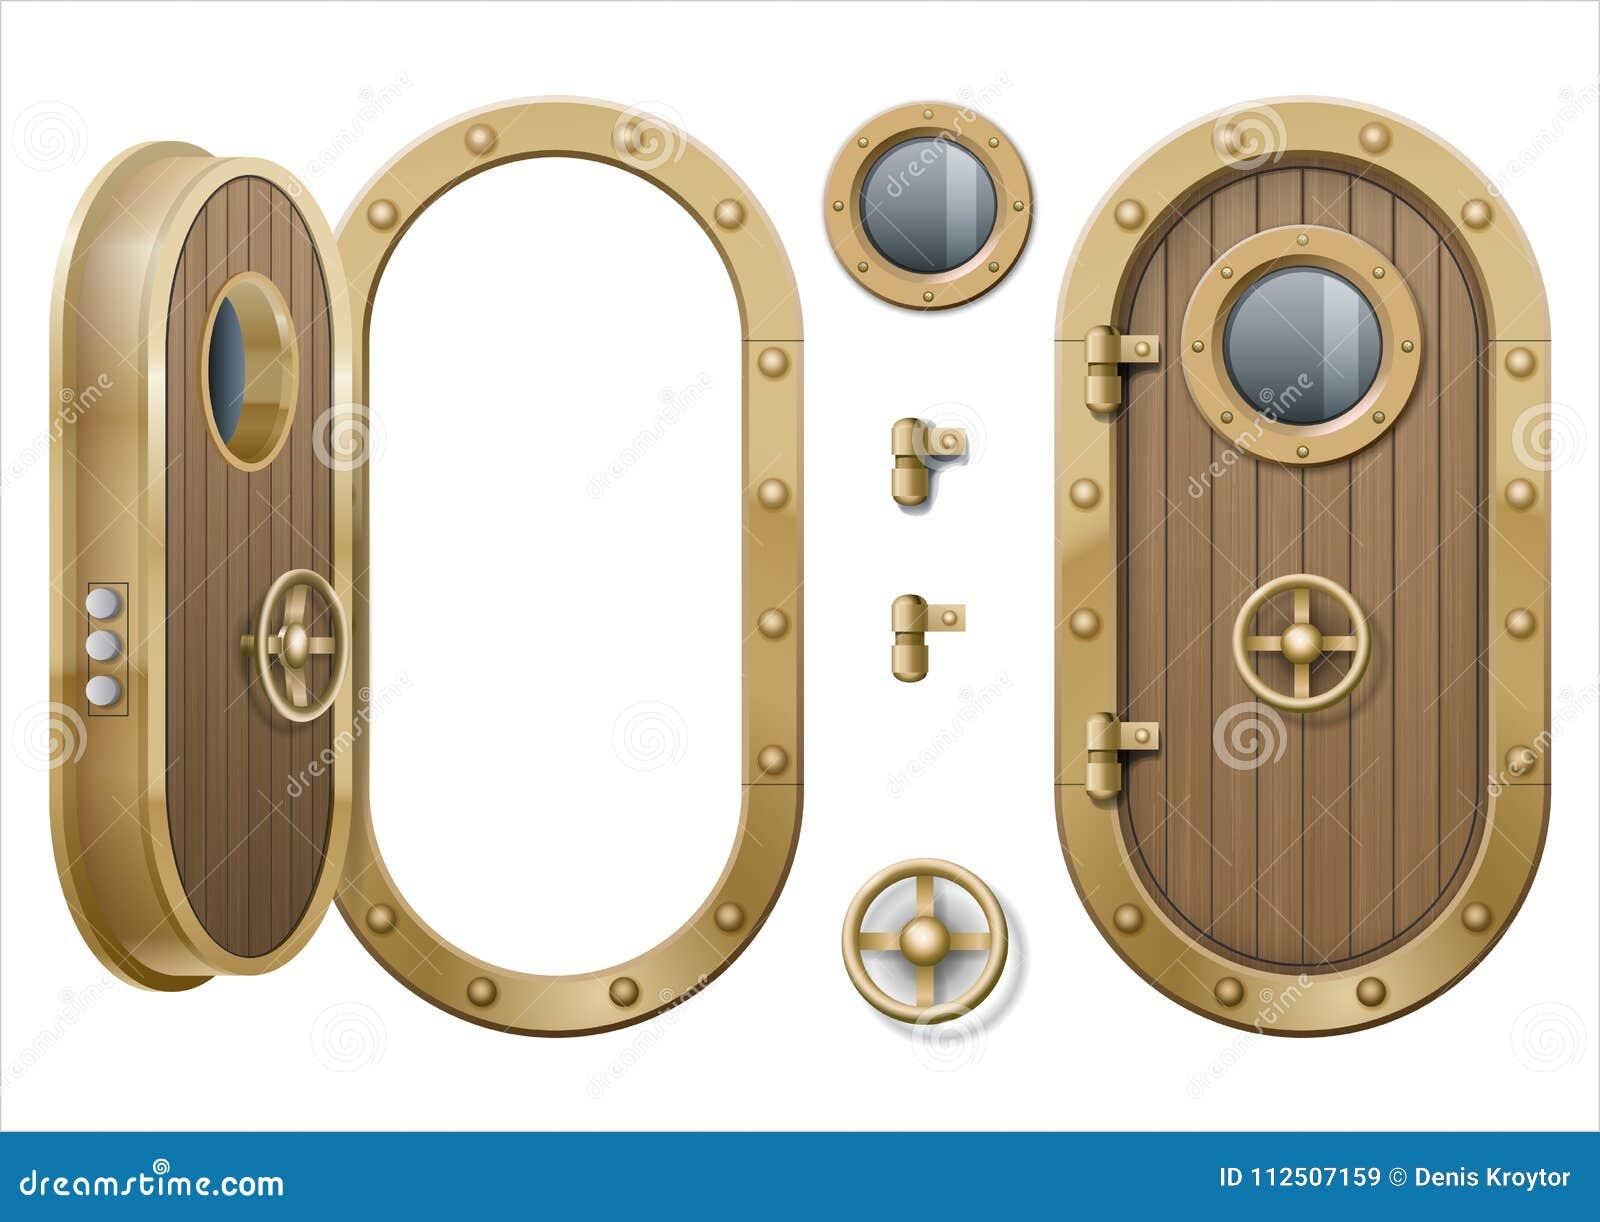 Door Cartoons Illustrations Amp Vector Stock Images